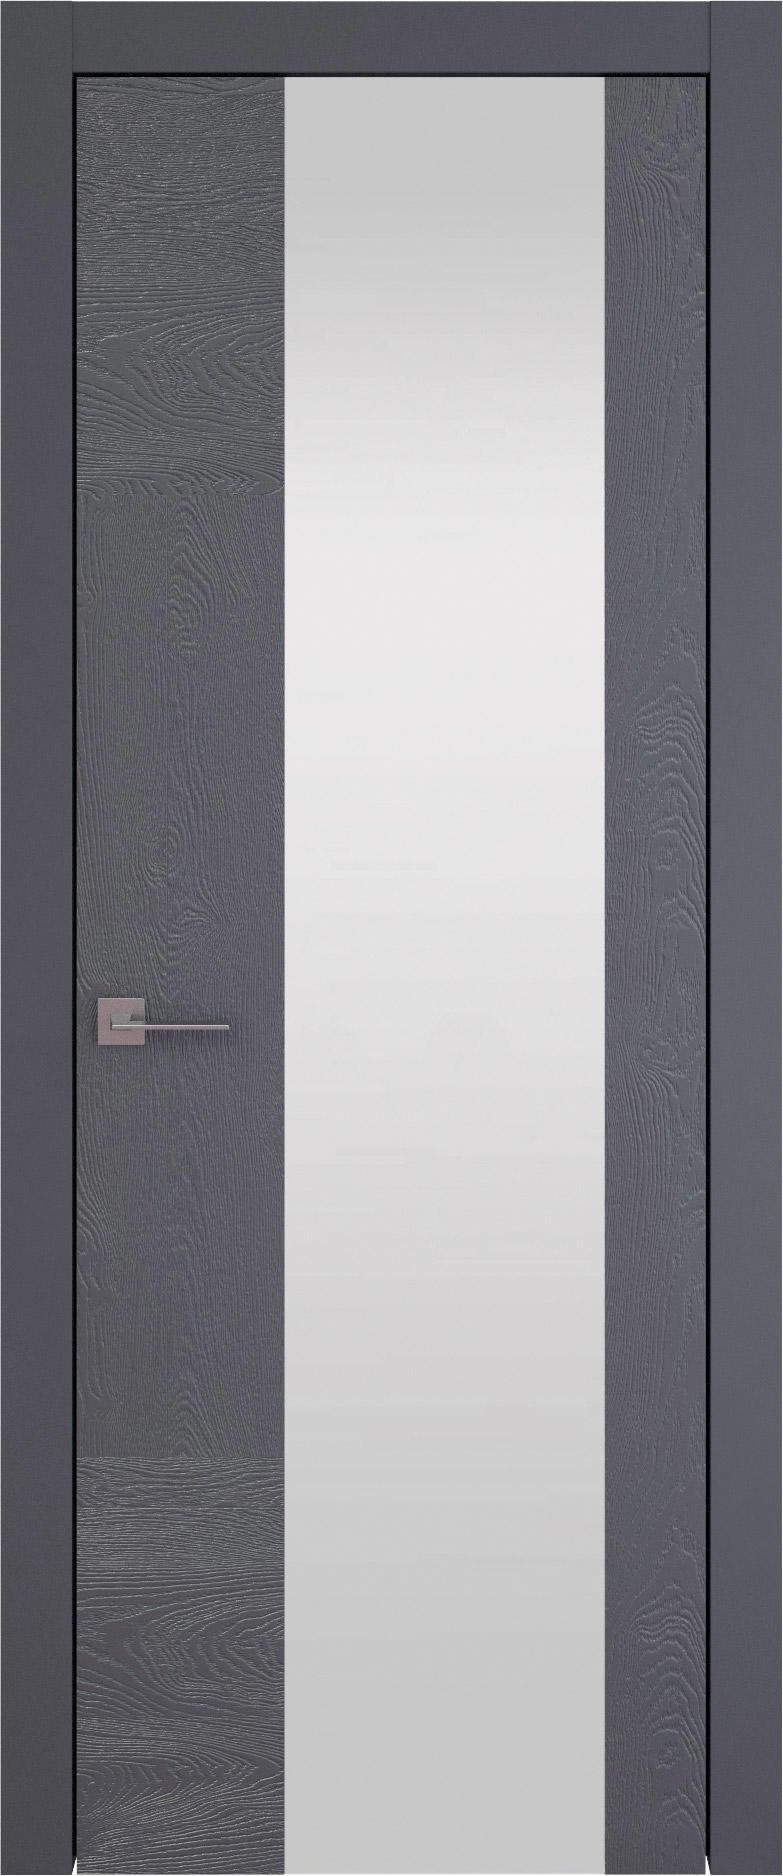 Tivoli Е-1 цвет - Графитово-серая эмаль по шпону (RAL 7024) Со стеклом (ДО)